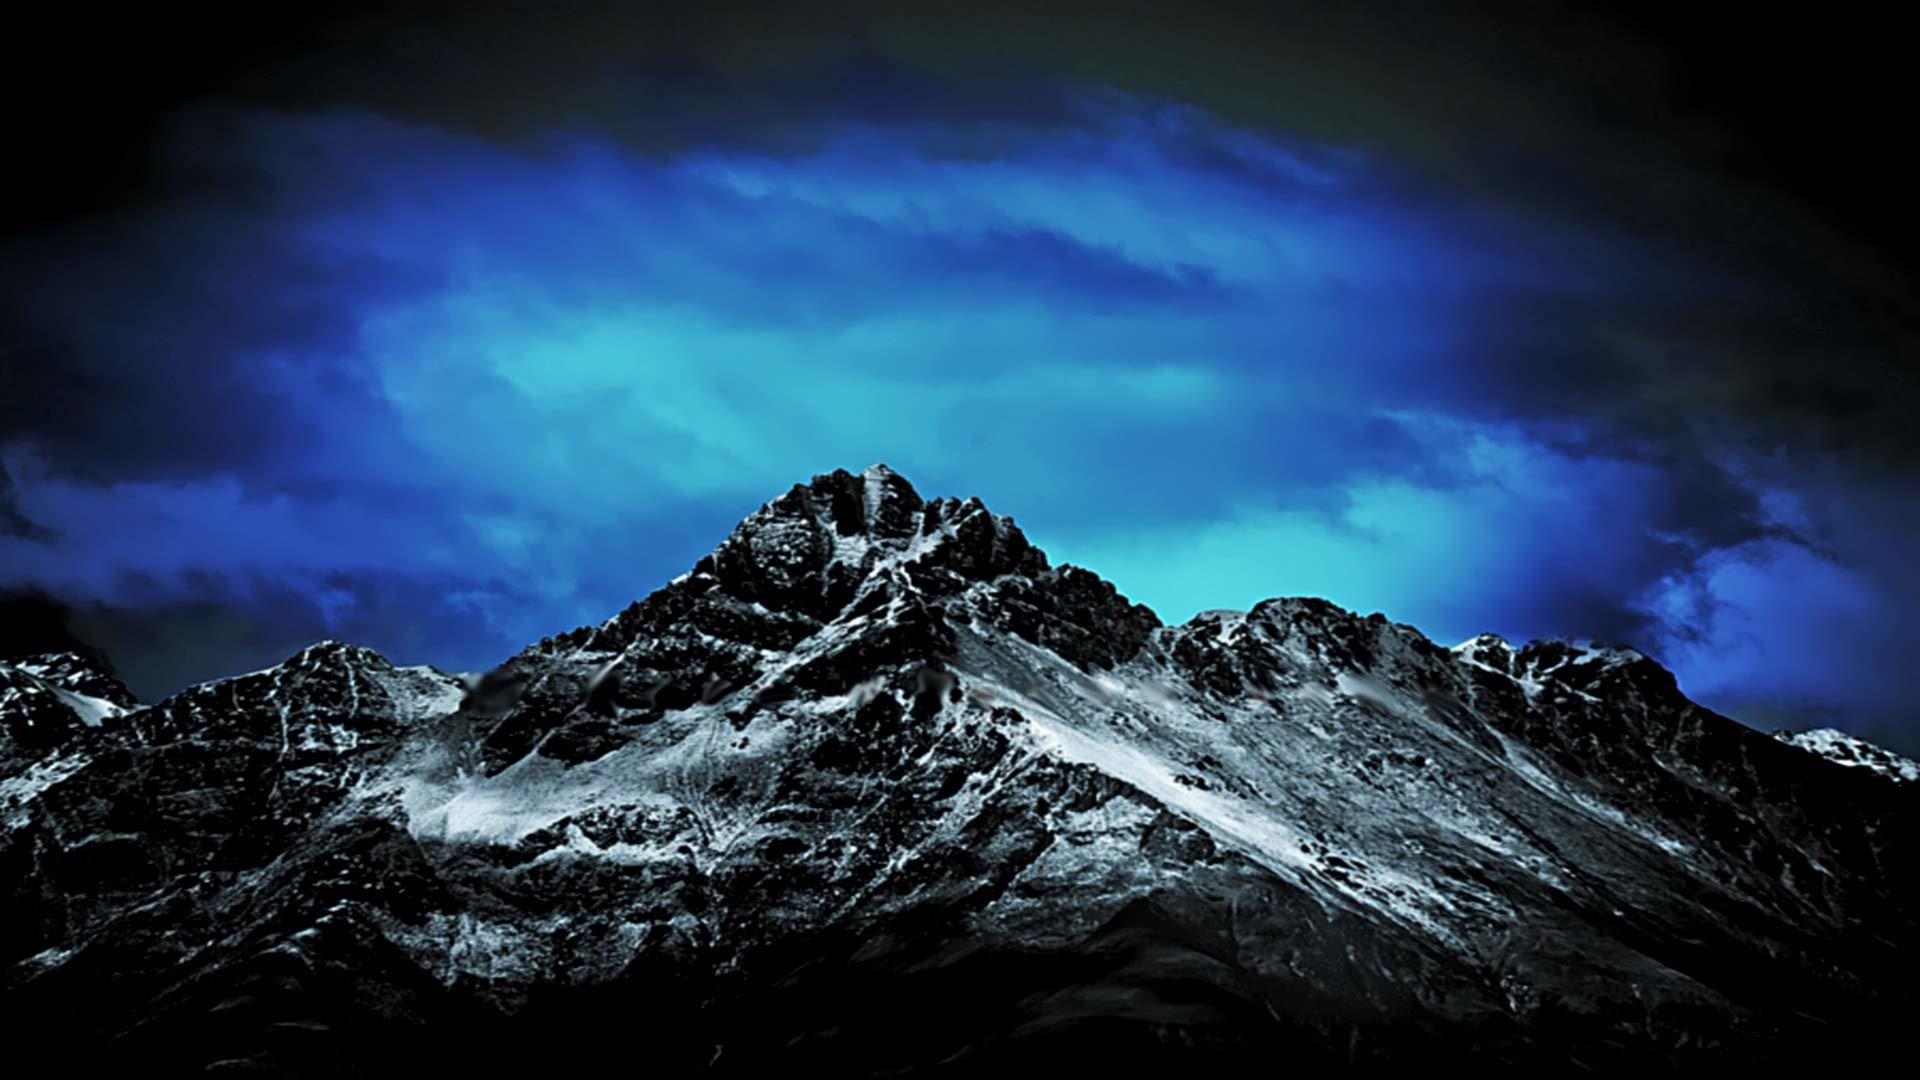 Black and Blue Desktop Wallpapers ~ Toptenpack.com